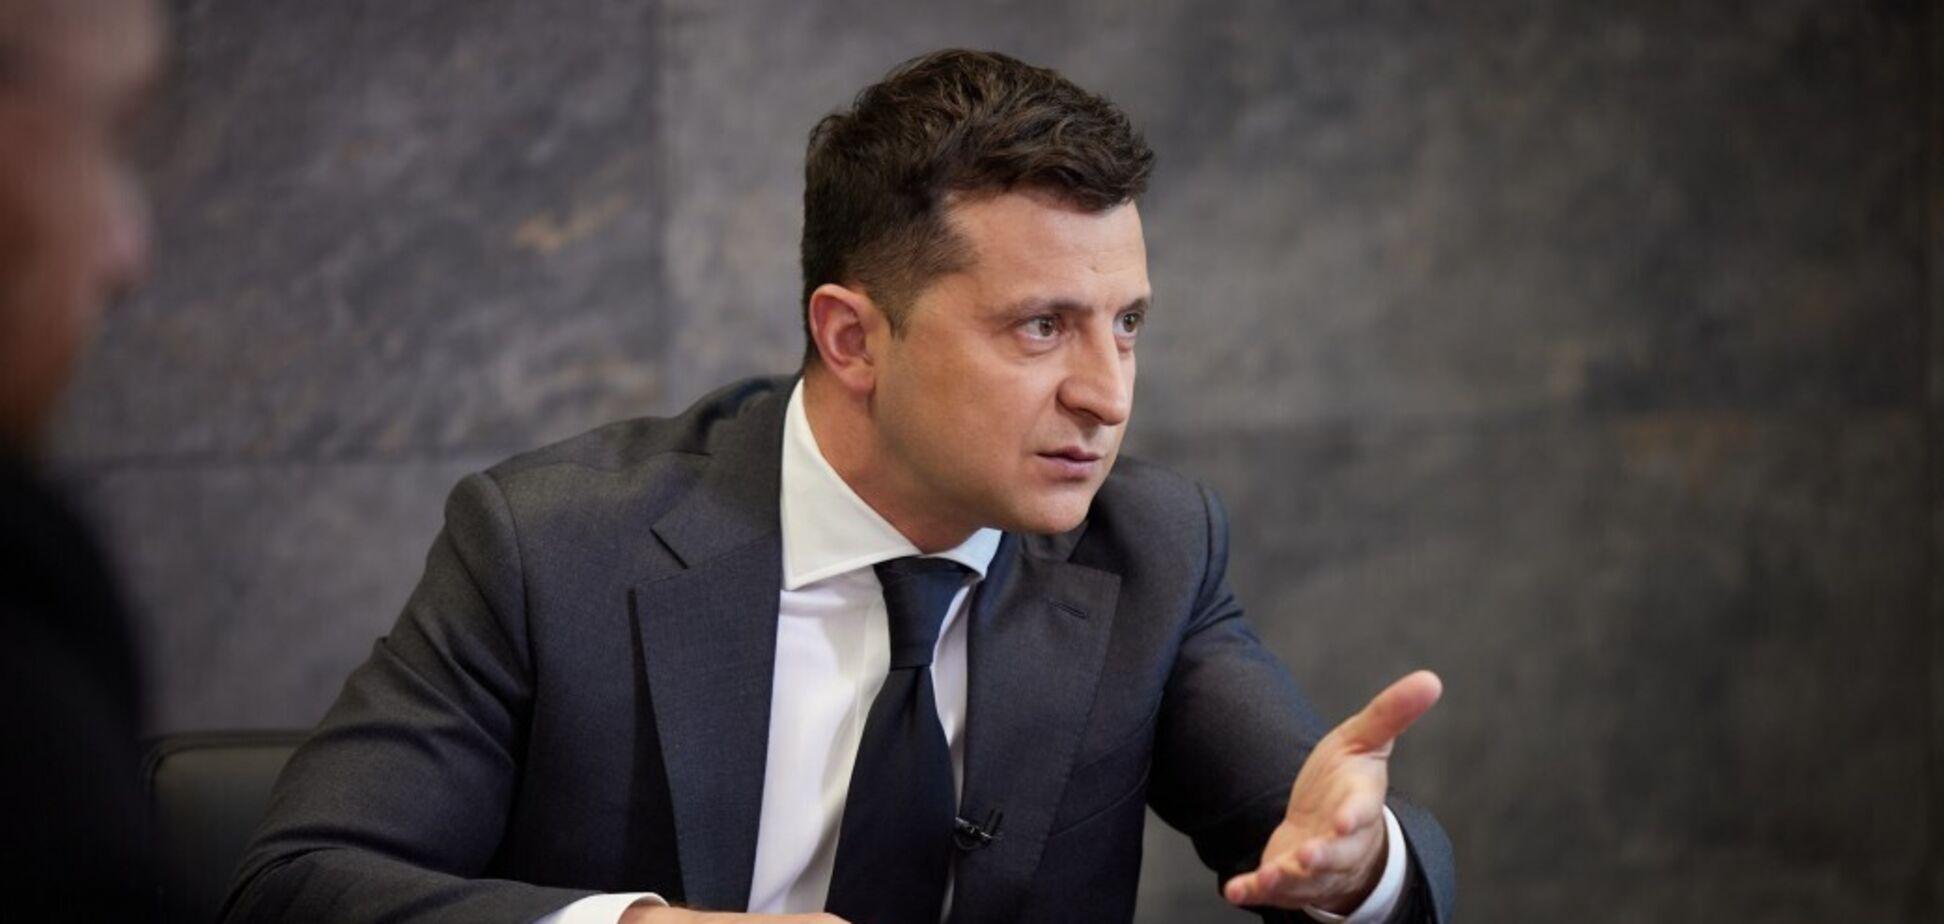 Зеленський заявив, що Україна повинна 'максимально продати' всі держпідприємства